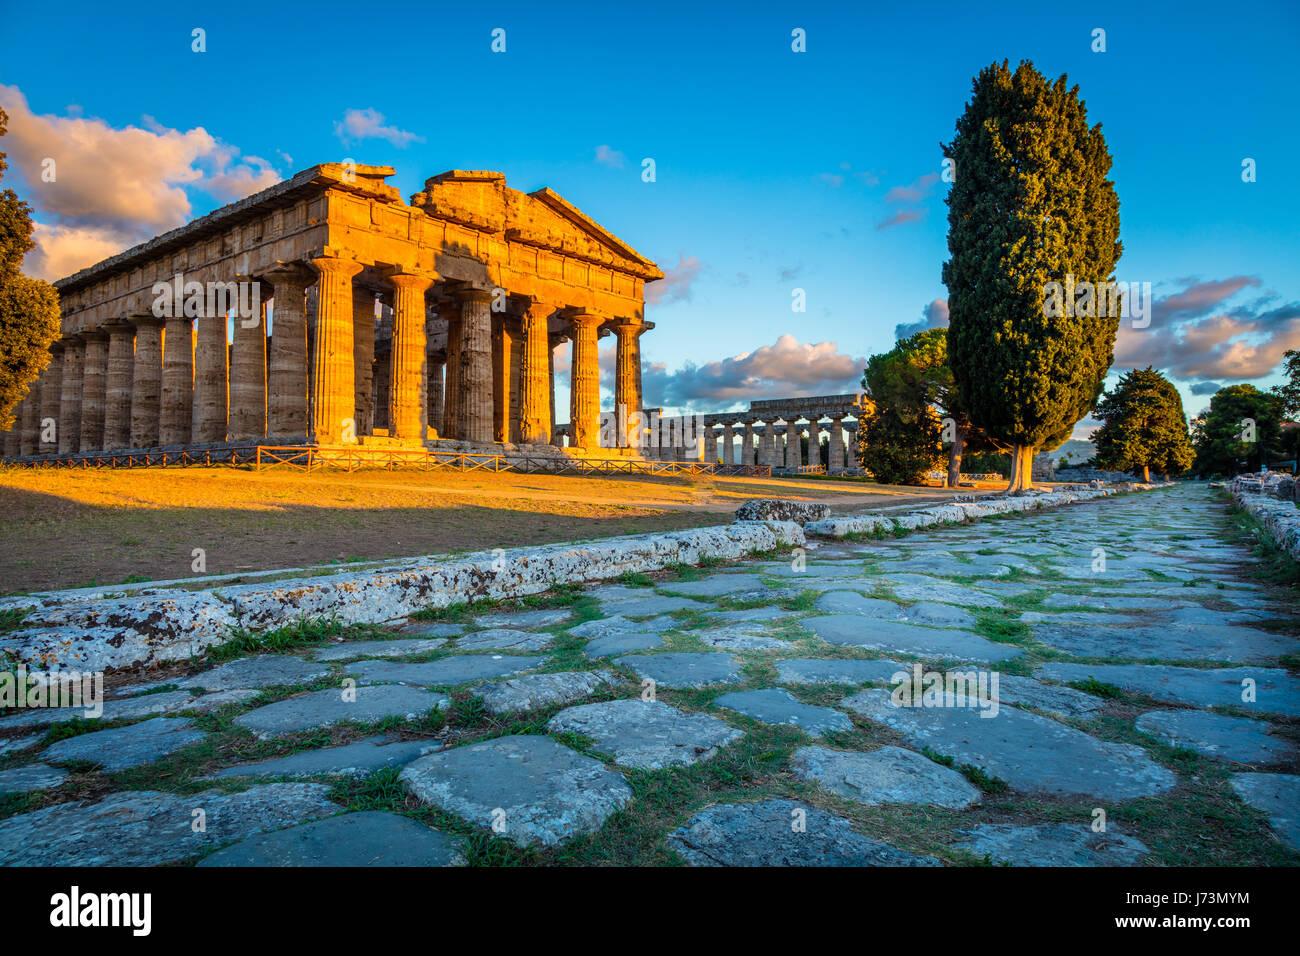 Paestum fu un importante antica città greca sulla costa del Mar Tirreno in Magna Graecia (Italia meridionale). Immagini Stock